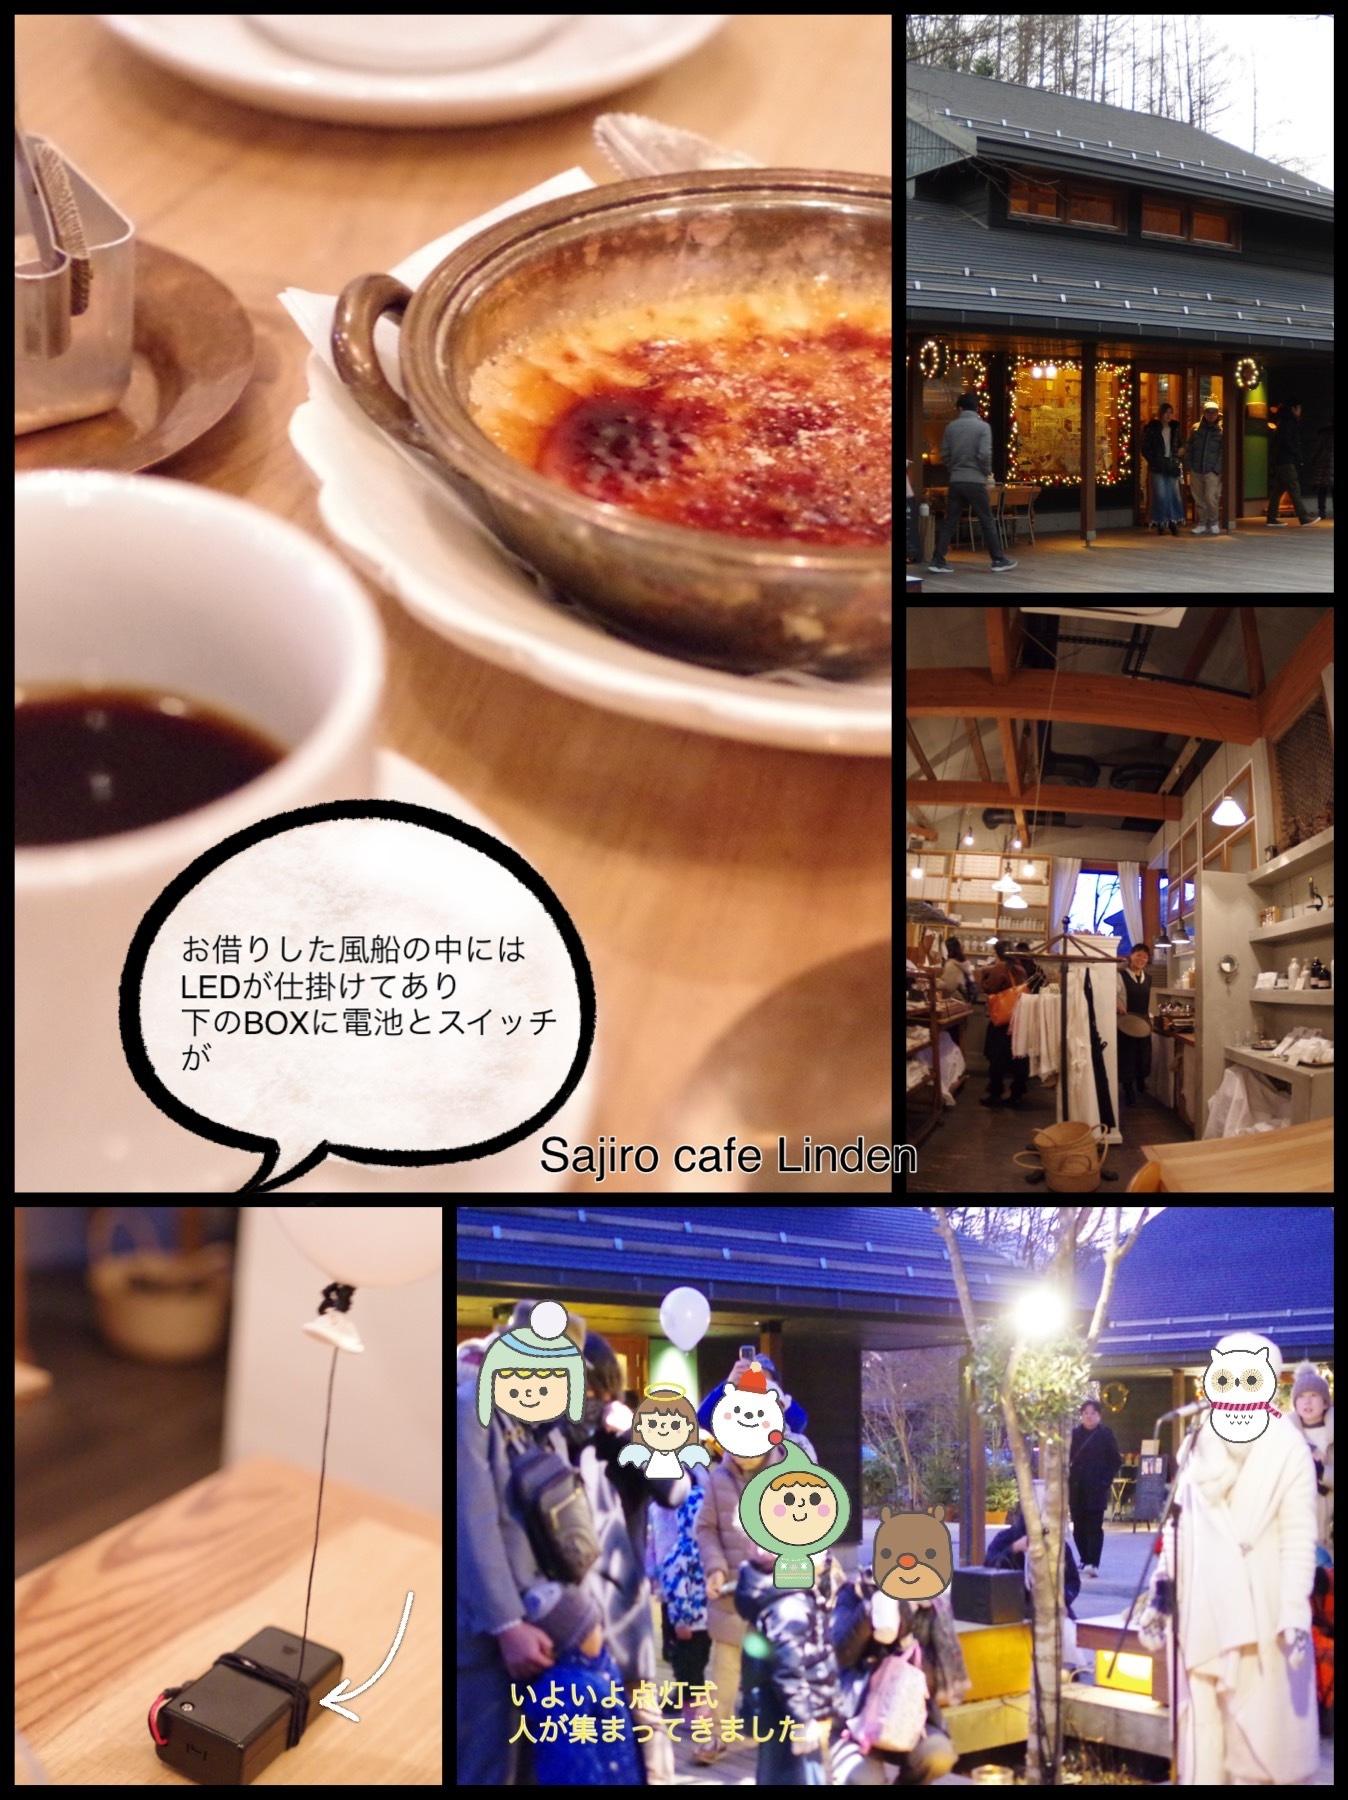 軽井沢クリスマス ハルニレテラス やどりぎ点灯式2019 Sajiro cafe